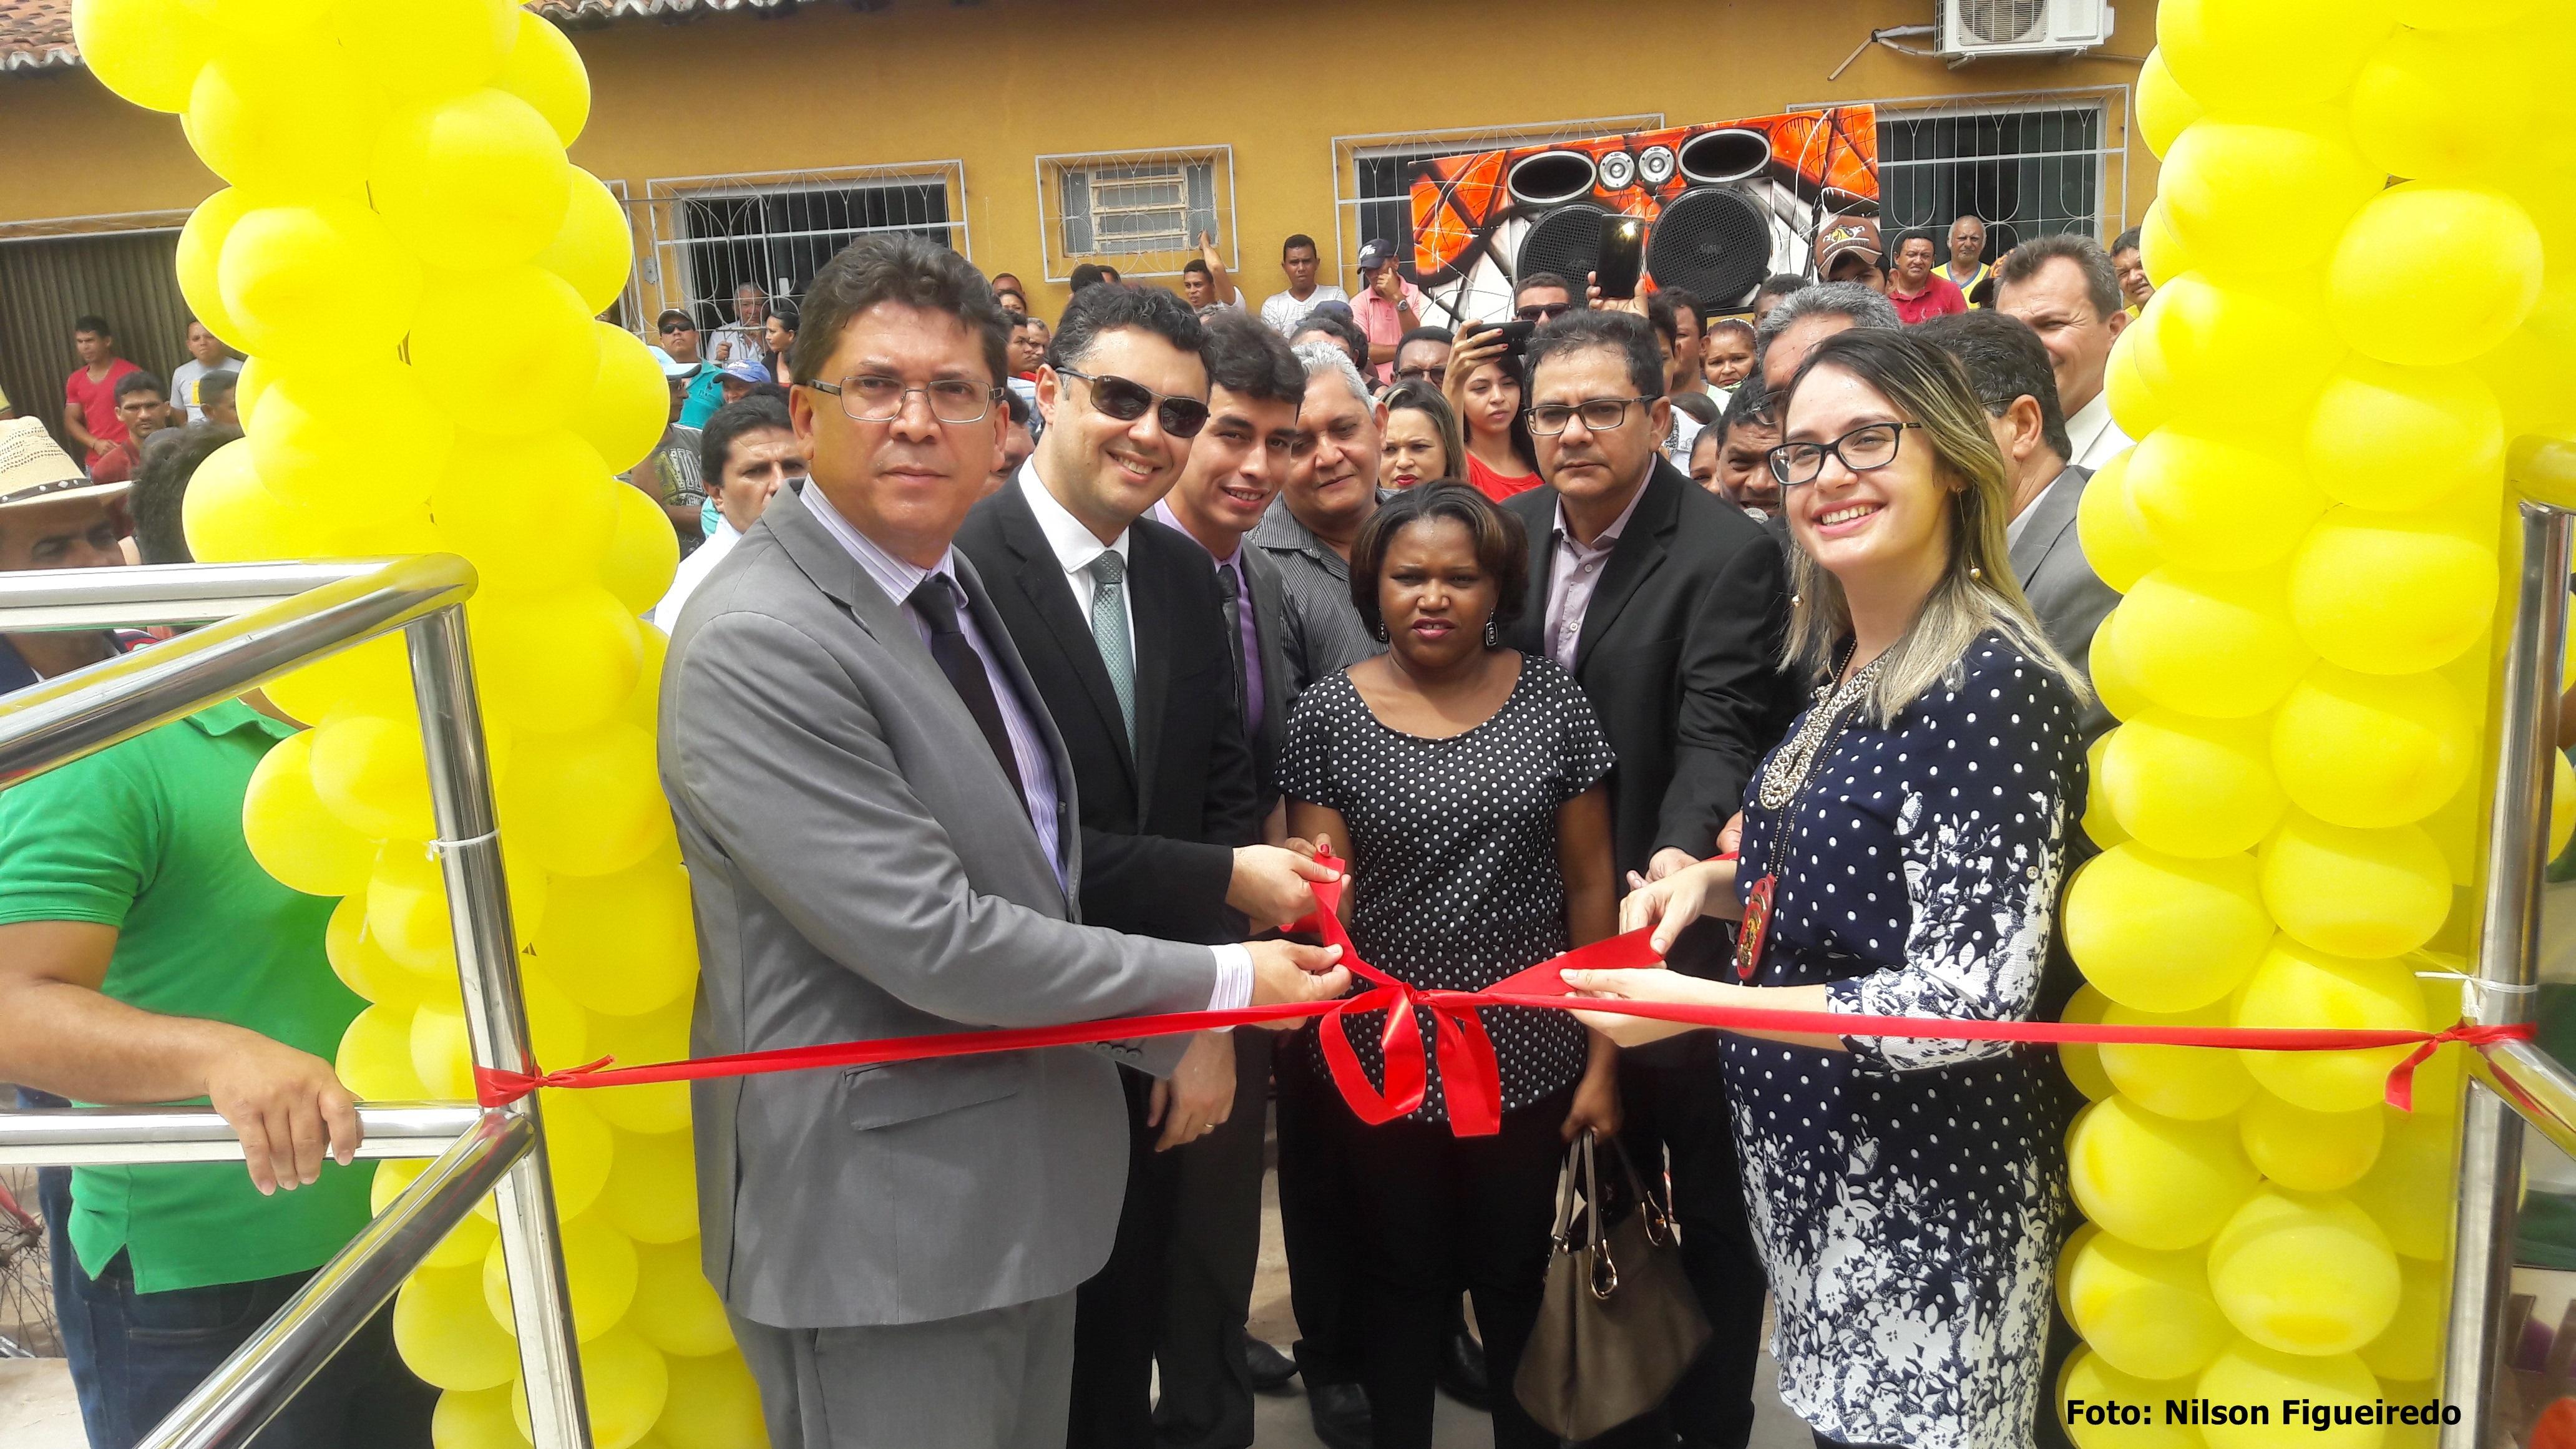 Cúpula da segurança pública entrega nova delegacia para o município de São Mateus